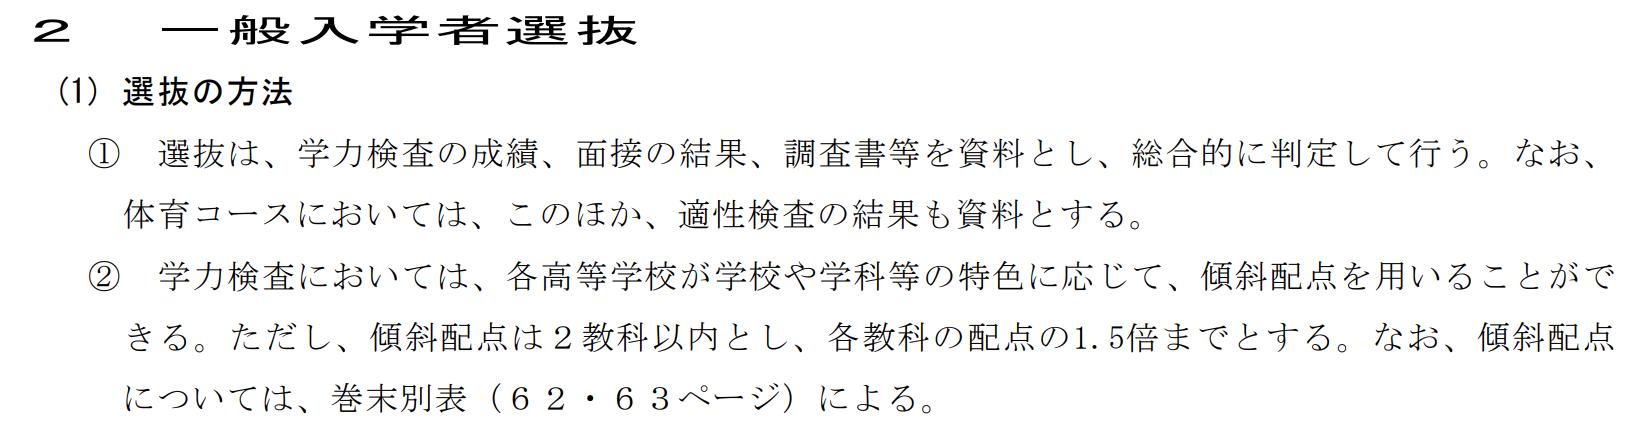 宮崎県公立高校入試、選抜方法